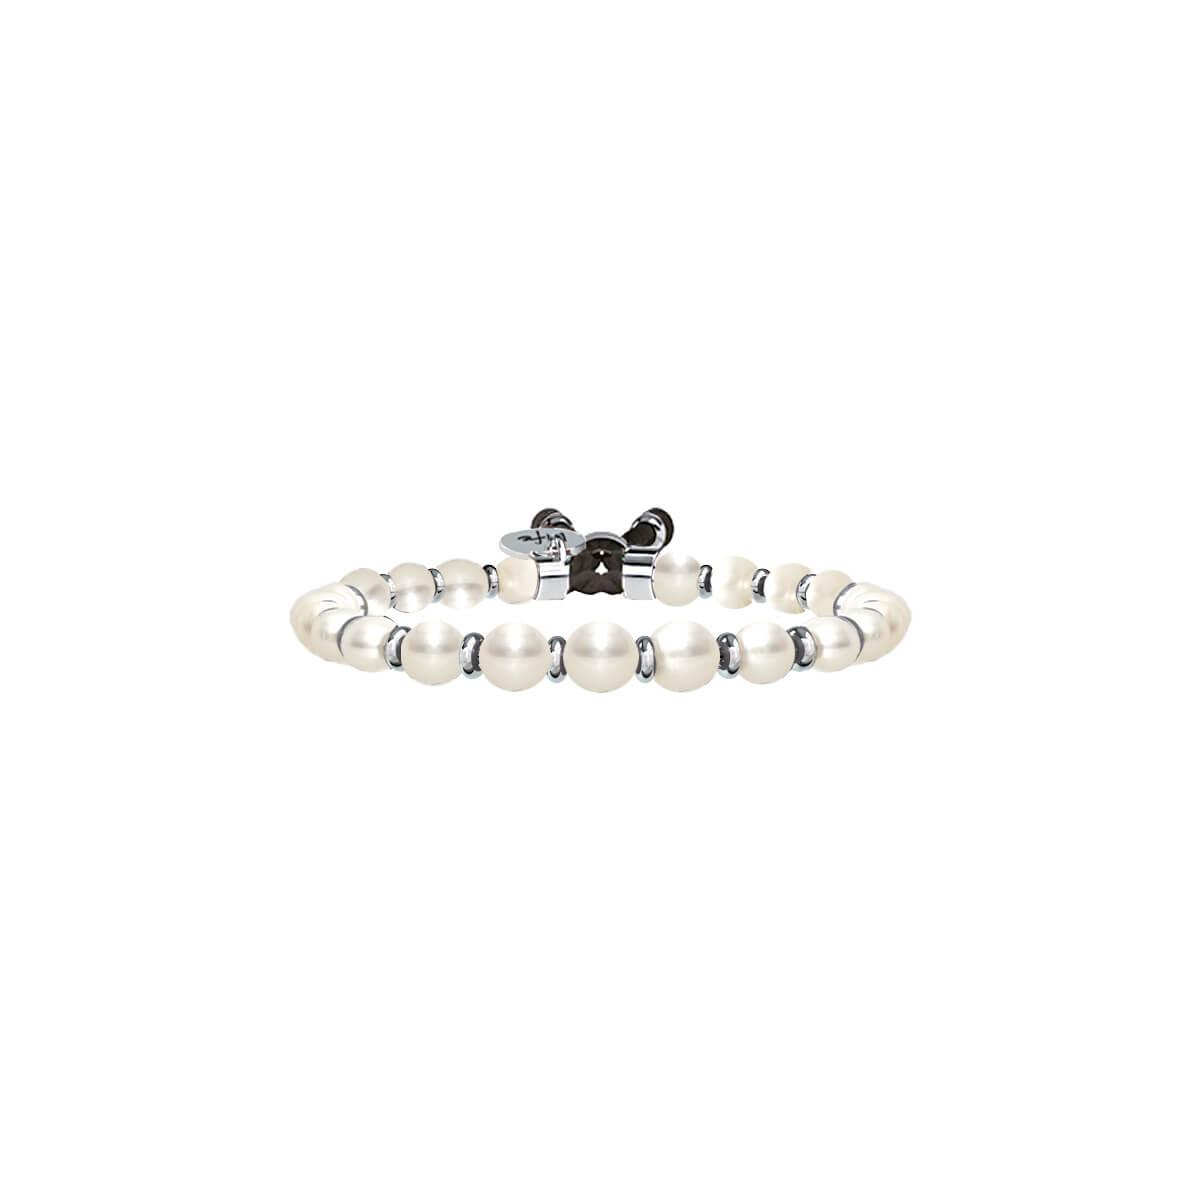 a basso costo 2df46 94a83 Bracciale Kidult Symbols Pietre della Fortuna perle 731423